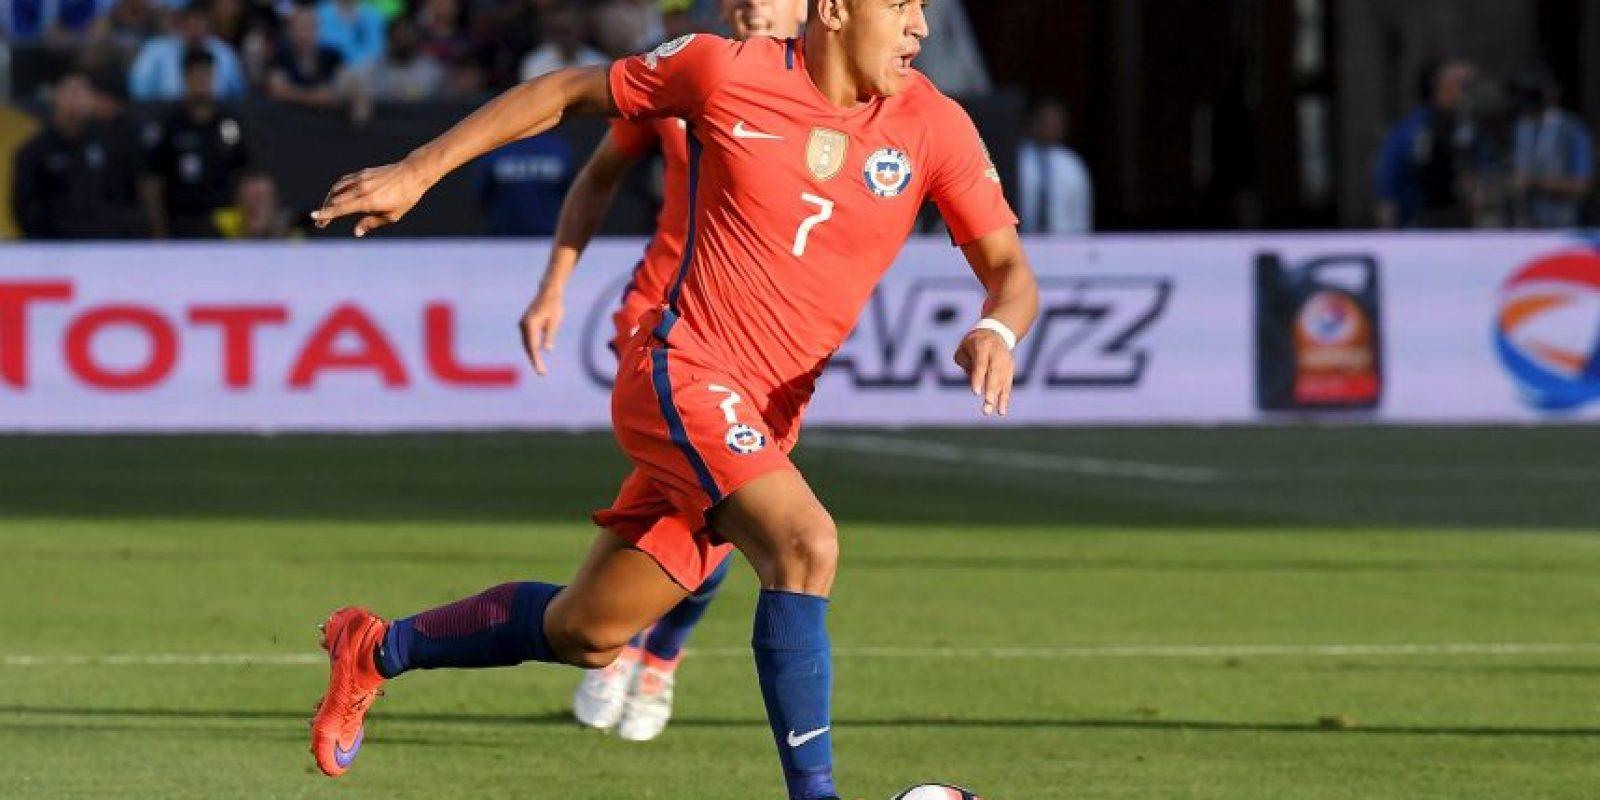 Chile, por su parte, tampoco empezó bien y cayó ante Argentina por 2 a 1. Ahora están obligados a ganar para avanzar de ronda en la Copa América Centenario Foto:Getty Images